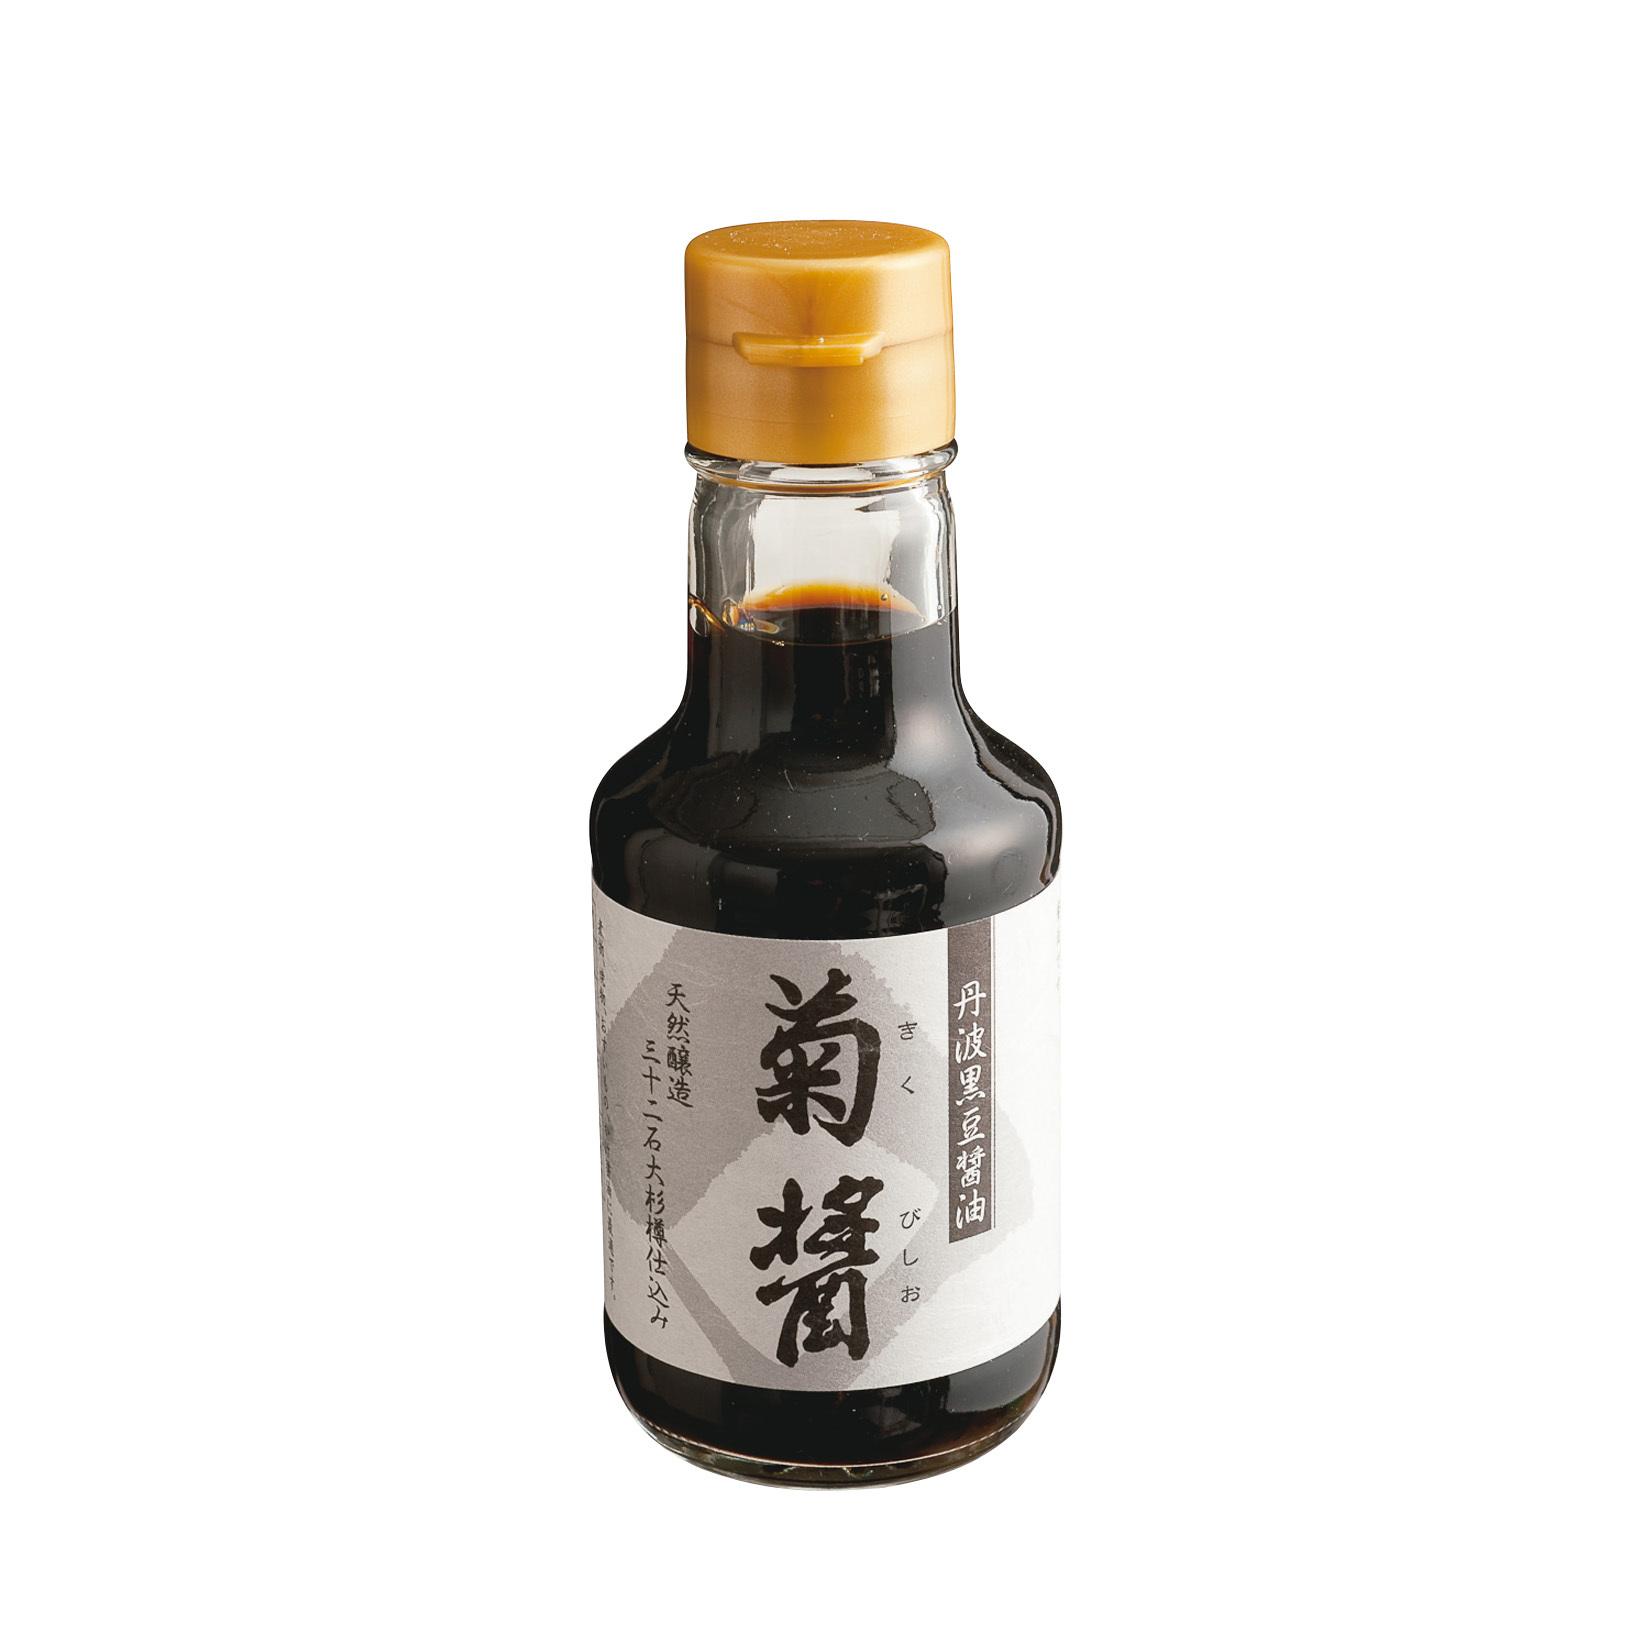 杉樽で長期熟成したヤマロク醤油の「鶴醤・菊醤」_1_2